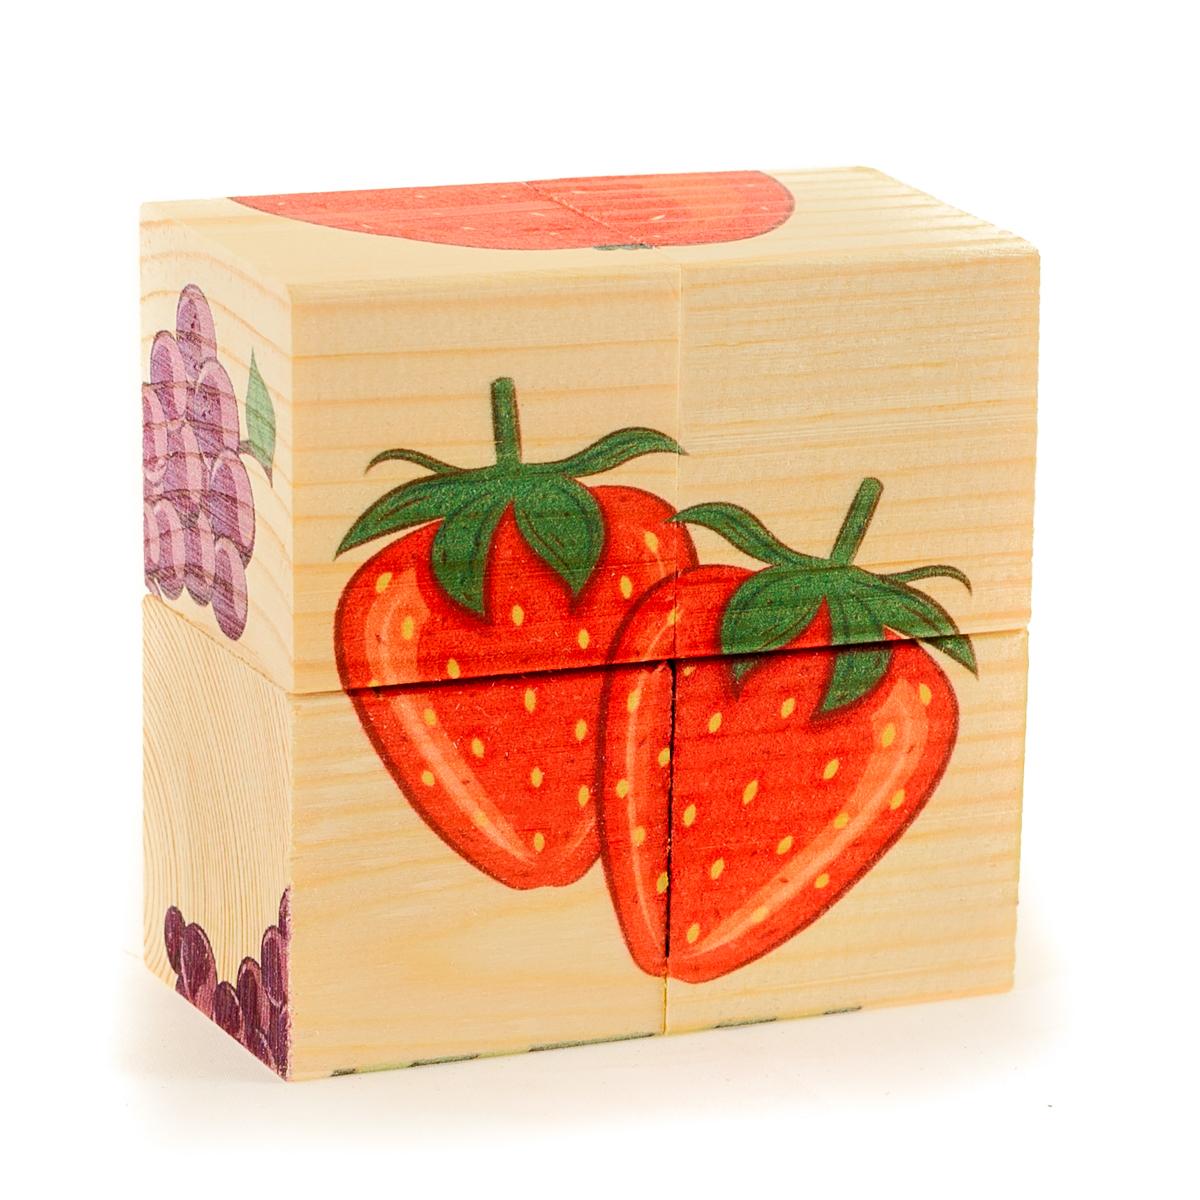 Развивающие деревянные игрушки Кубики ФруктыД479аКубики из натурального дерева - любимая игрушка каждого ребенка. Кубики обожают дети. Игру с кубиками в детстве с удовольствием и теплом вспоминают взрослые. Для кубиков серии Развивающие деревянные игрушки используется только натуральное отечественное дерево мягких пород с минимальной обработкой, что позволило максимально сохранить ощущение фактуры дерева и его аромата. Яркие, контрастные и понятные ребенку иллюстрации нанесены экологичными красками. Кубики из дерева - не только прекрасный строительный материал для вполощения детских фантазий, но и удобное пособие для развития зрительной памяти, логики и мелкой моторики у детей. Объясните ребенку, что на каждой грани кубика нанесена часть картинки, а если 4 картинки собрать вместе, получится изображение. Покажите ему пример. С помощью набора Собери рисунок. Кубики-пазл. ФРУКТЫ можно собрать 6 разных изображений фруктов и ягод. ВНИМАНИЕ! Детали игрушки выполнены из натурального дерева (деревоматериала) без покрытия лаками или...